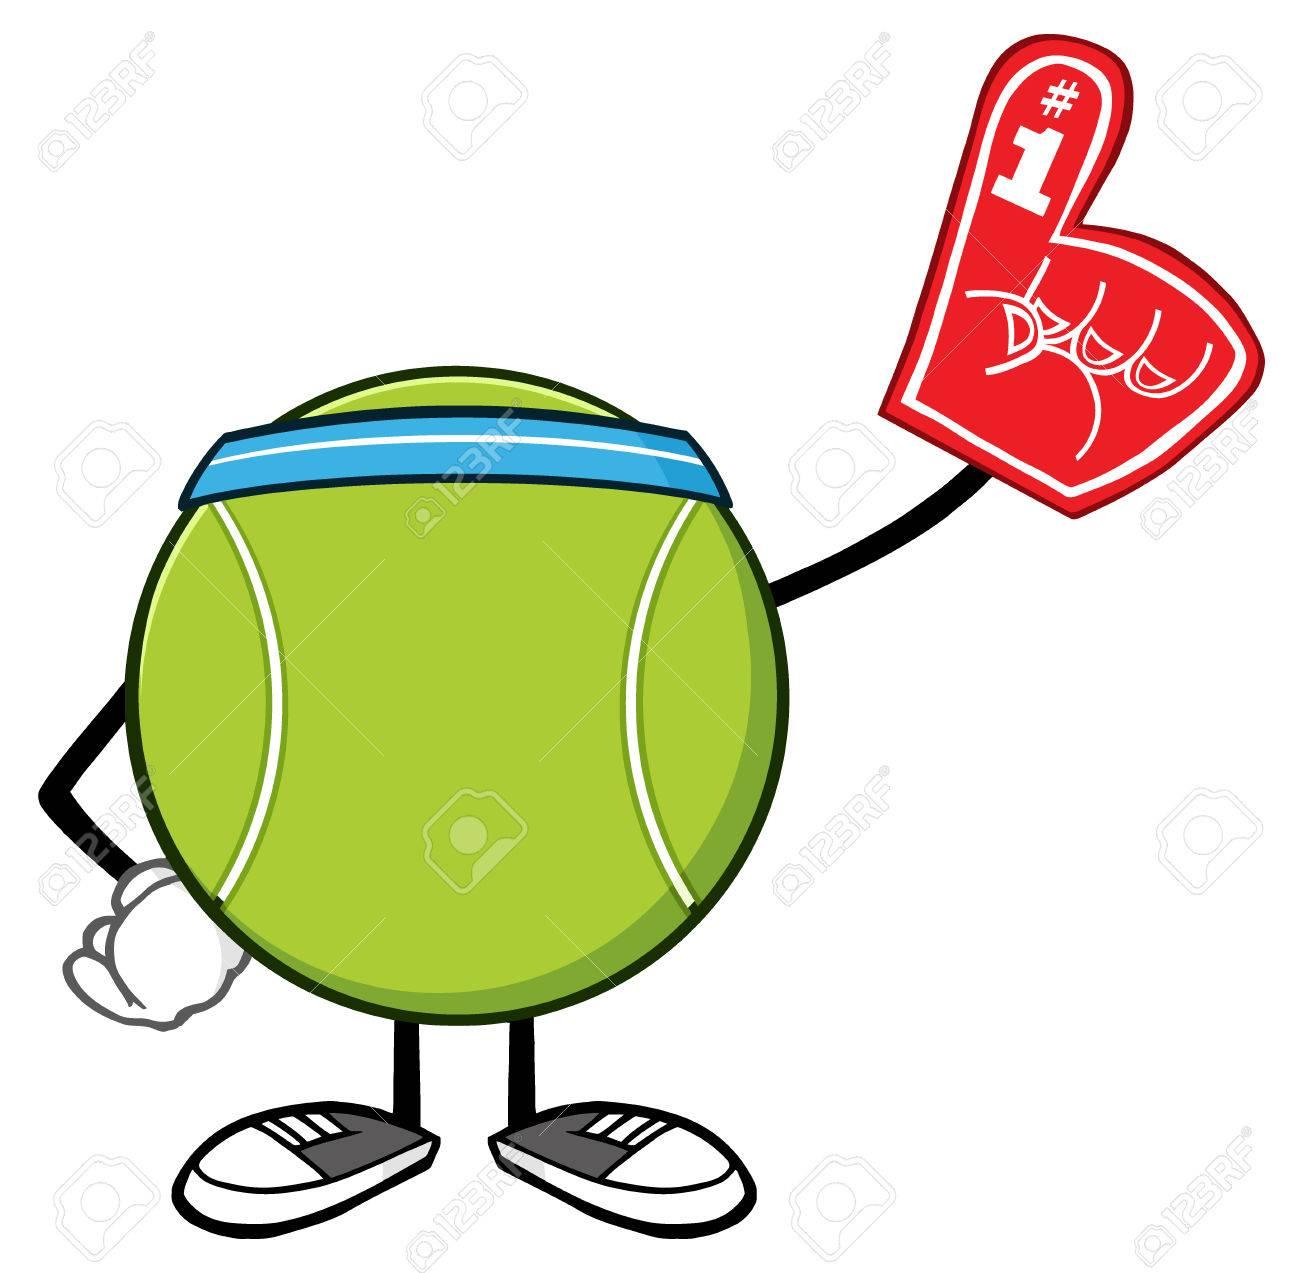 Tennis ball mascot stock photos tennis ball mascot stock photography - Stock Photo Tennis Ball Faceless Cartoon Mascot Character Wearing A Foam Finger